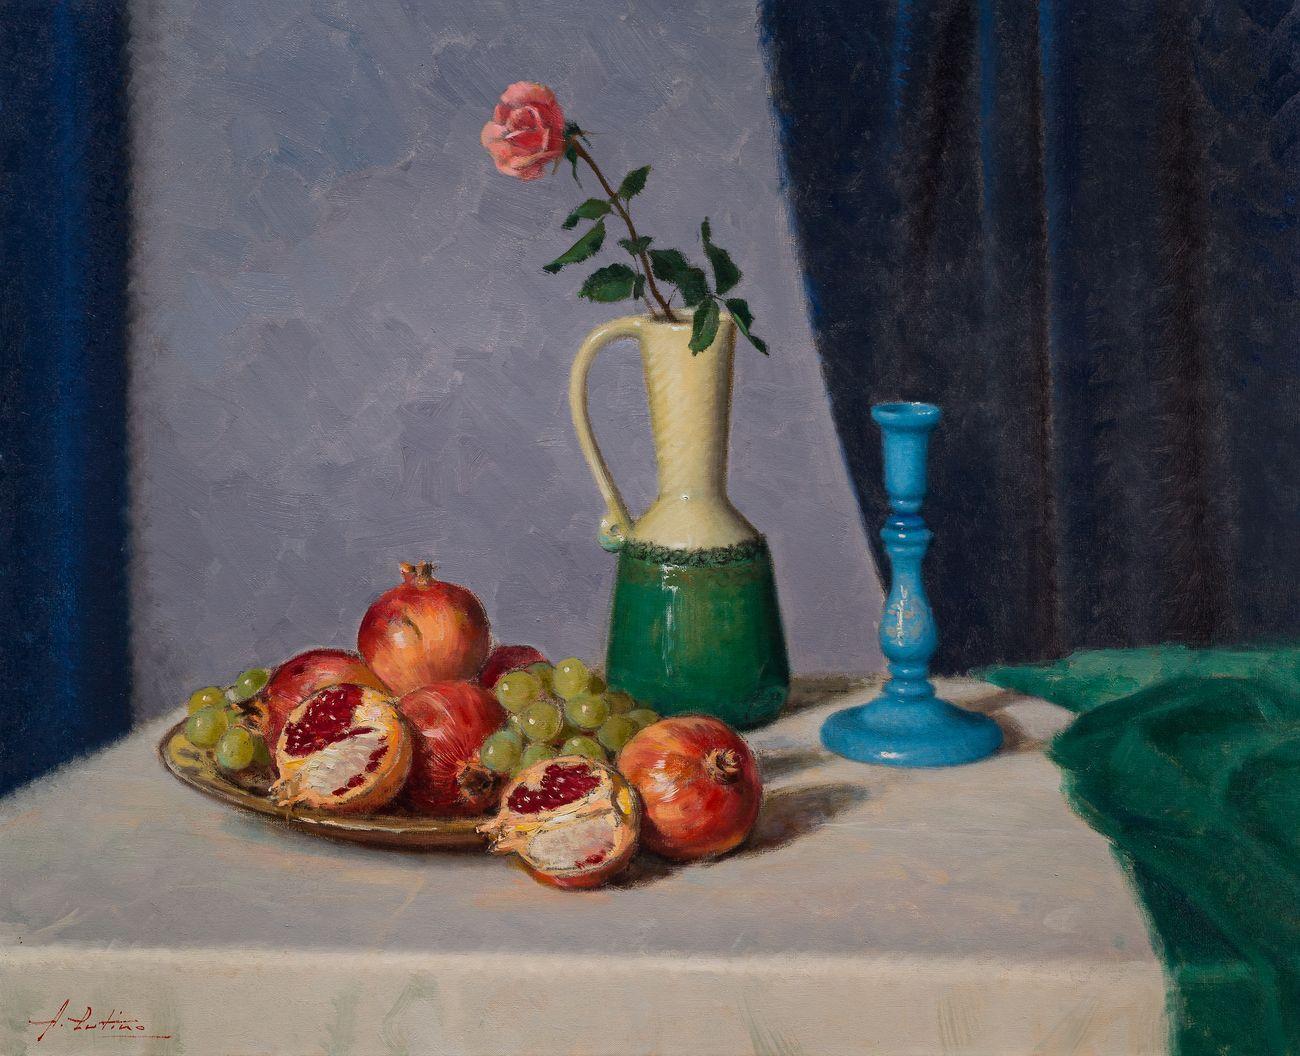 Antonio Cutino, Natura morta con uva, 1961, olio su tela, cm 80x65, collezione privata